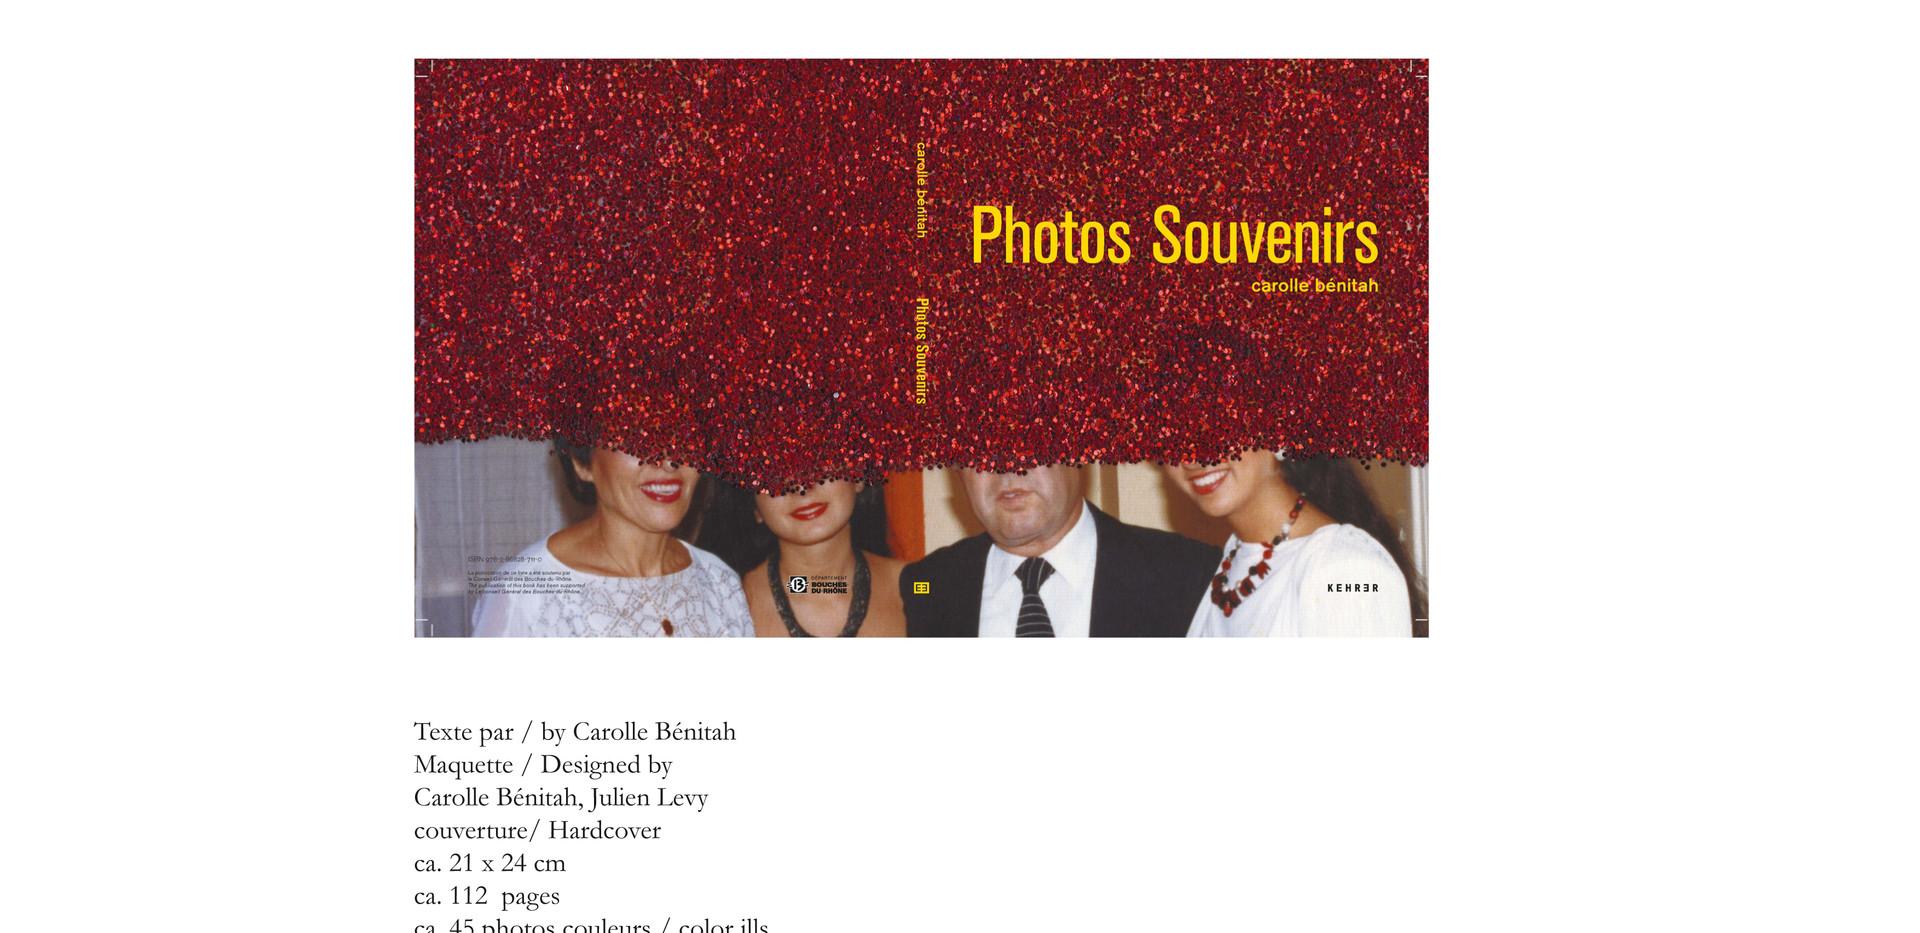 01-page livre Photos Souvenirs.jpg